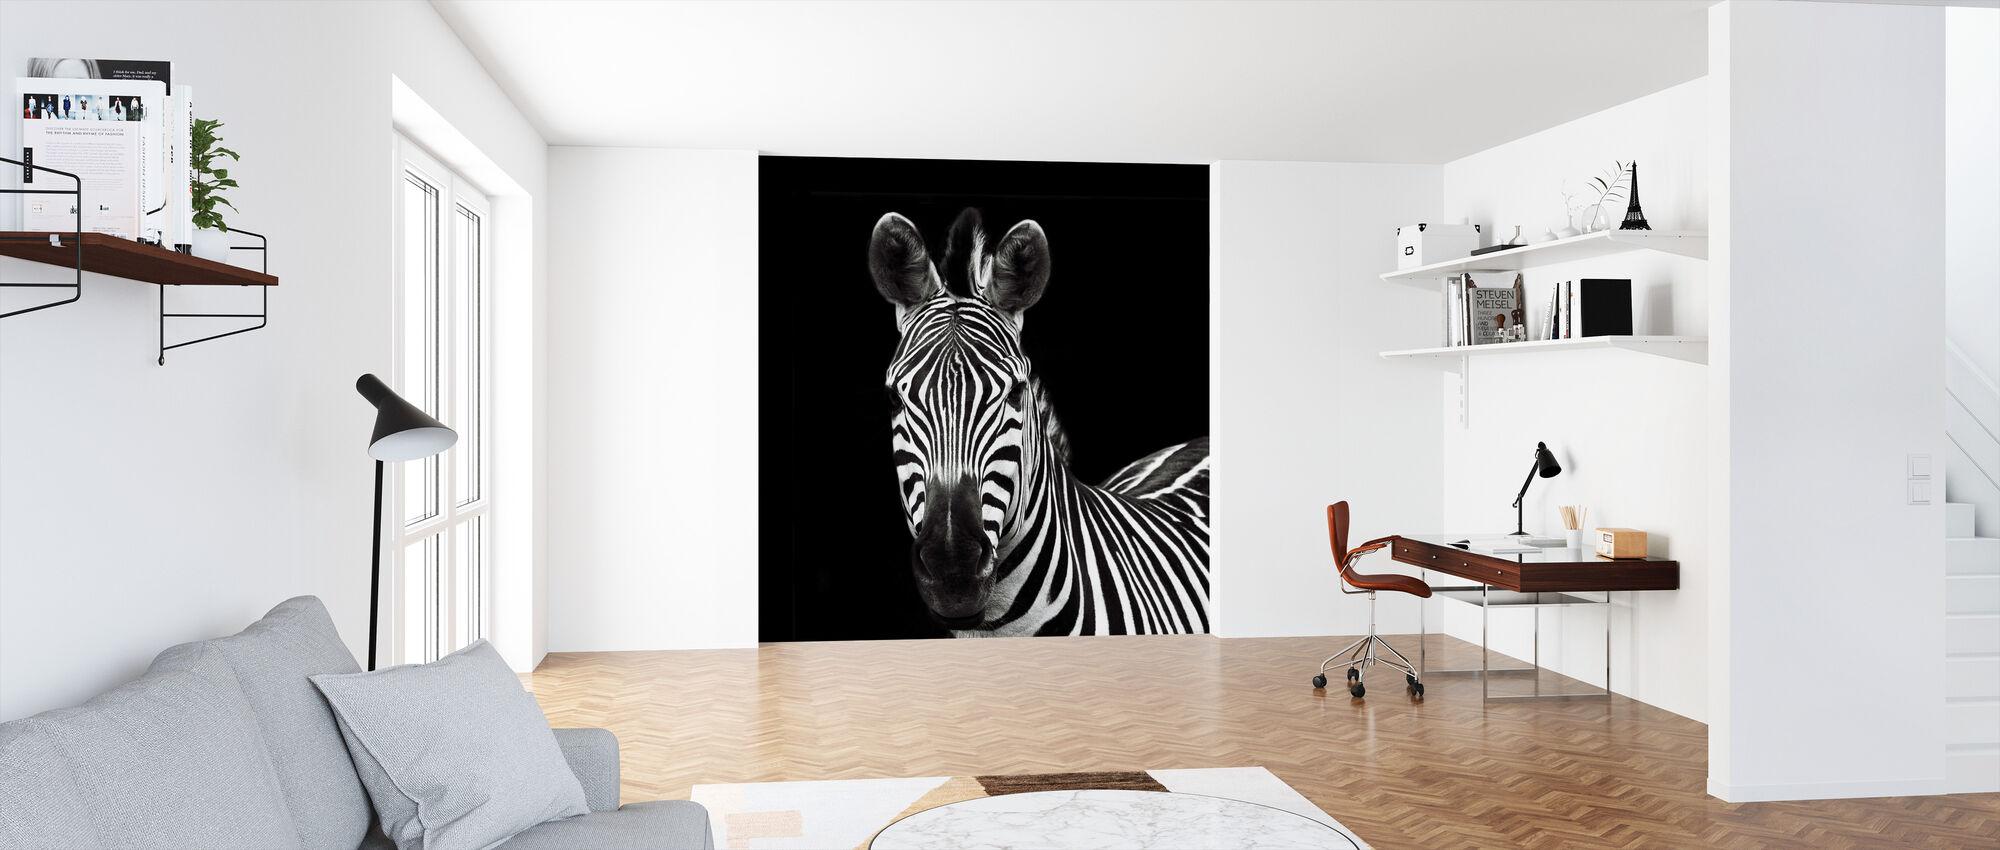 Zebra II Cuadrado - Papel pintado - Oficina